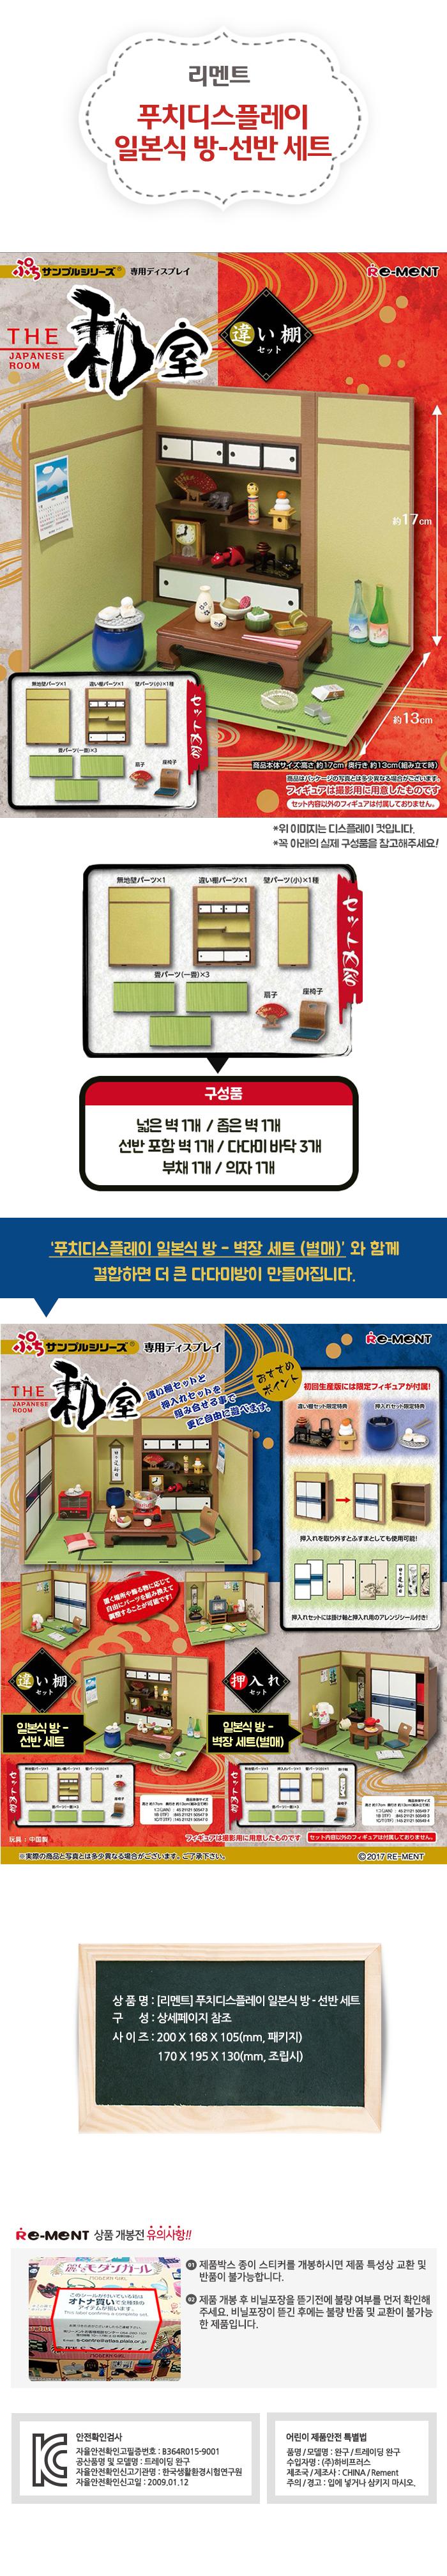 리멘트 푸치디스플레이 일본식 방 선반 세트 - 레드비, 52,000원, 캐릭터 피규어, 리멘트/식완